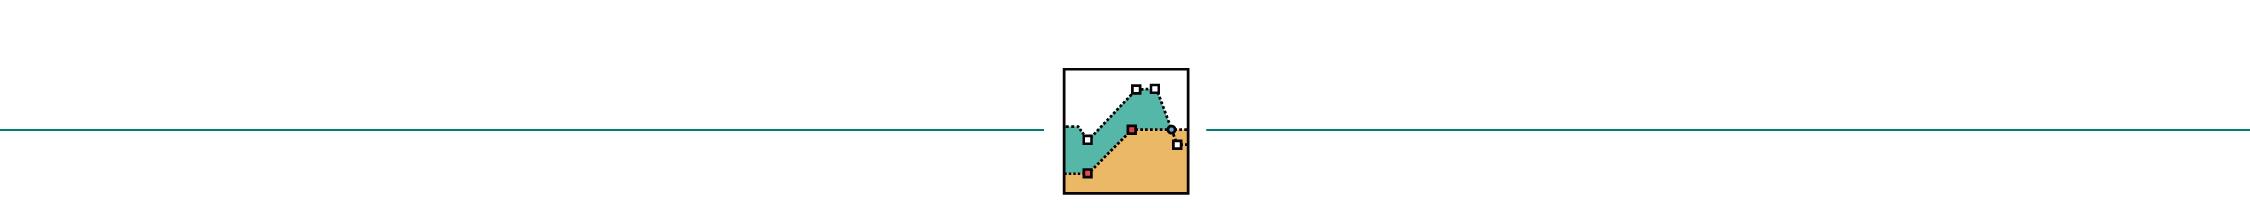 分割线5-01.jpg